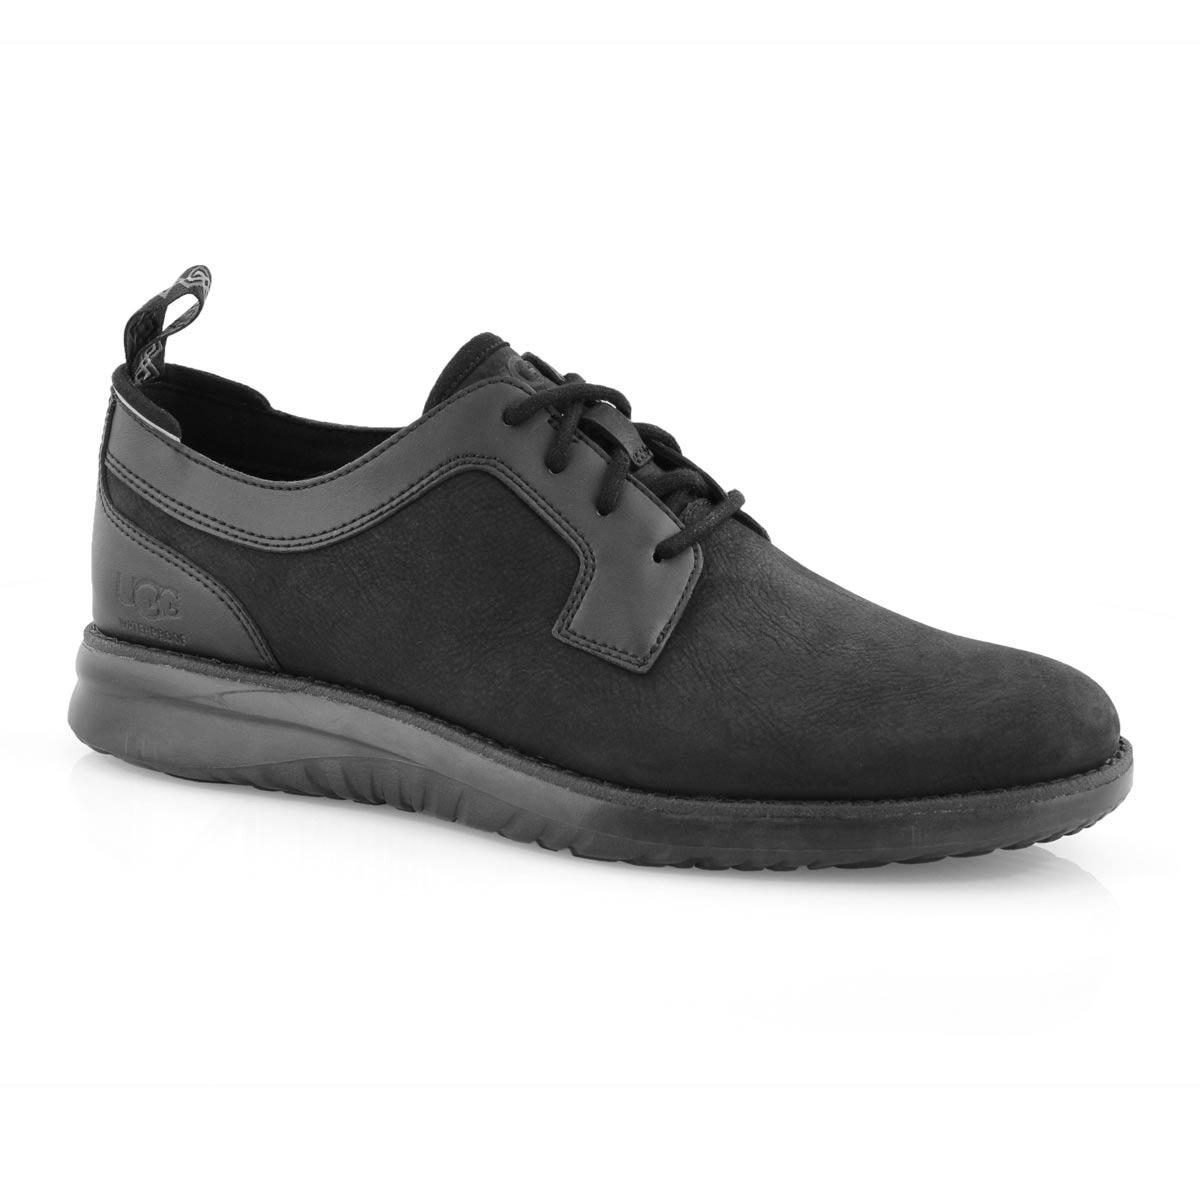 Mns Union Derby black wtpf lace up shoe